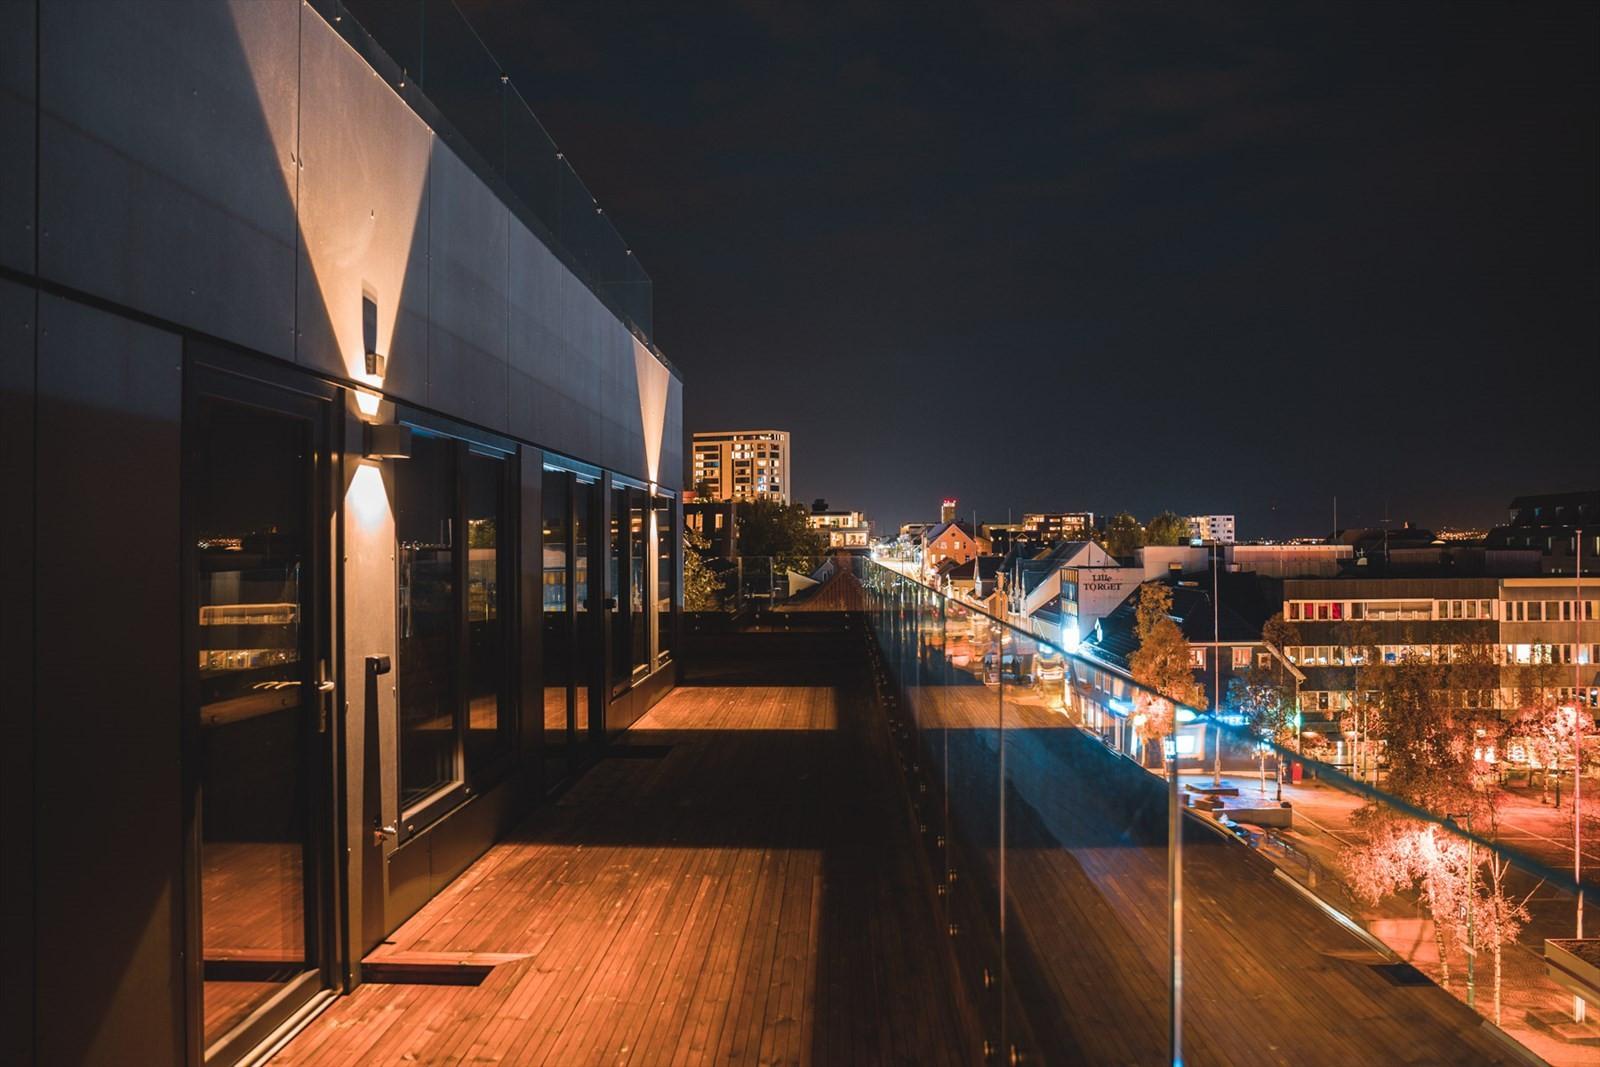 Storgata 92 strekker seg over byggets 2 øverste etasjer og har derfor denne fantastiske utsikten over byen, mot sundet og fastlandet